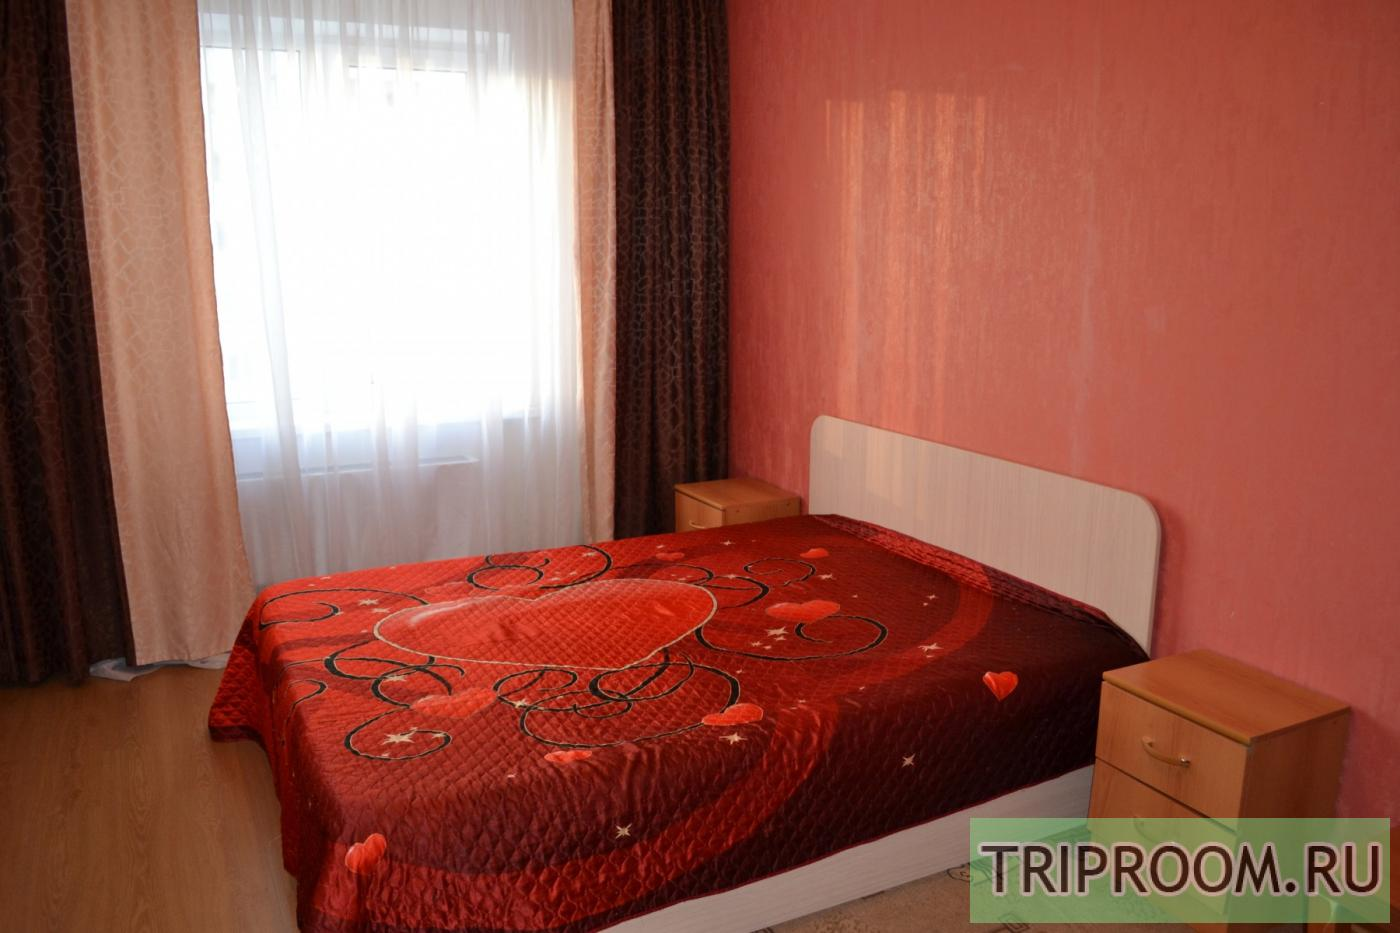 2-комнатная квартира посуточно (вариант № 36246), ул. Олимпийский бульвар, фото № 1